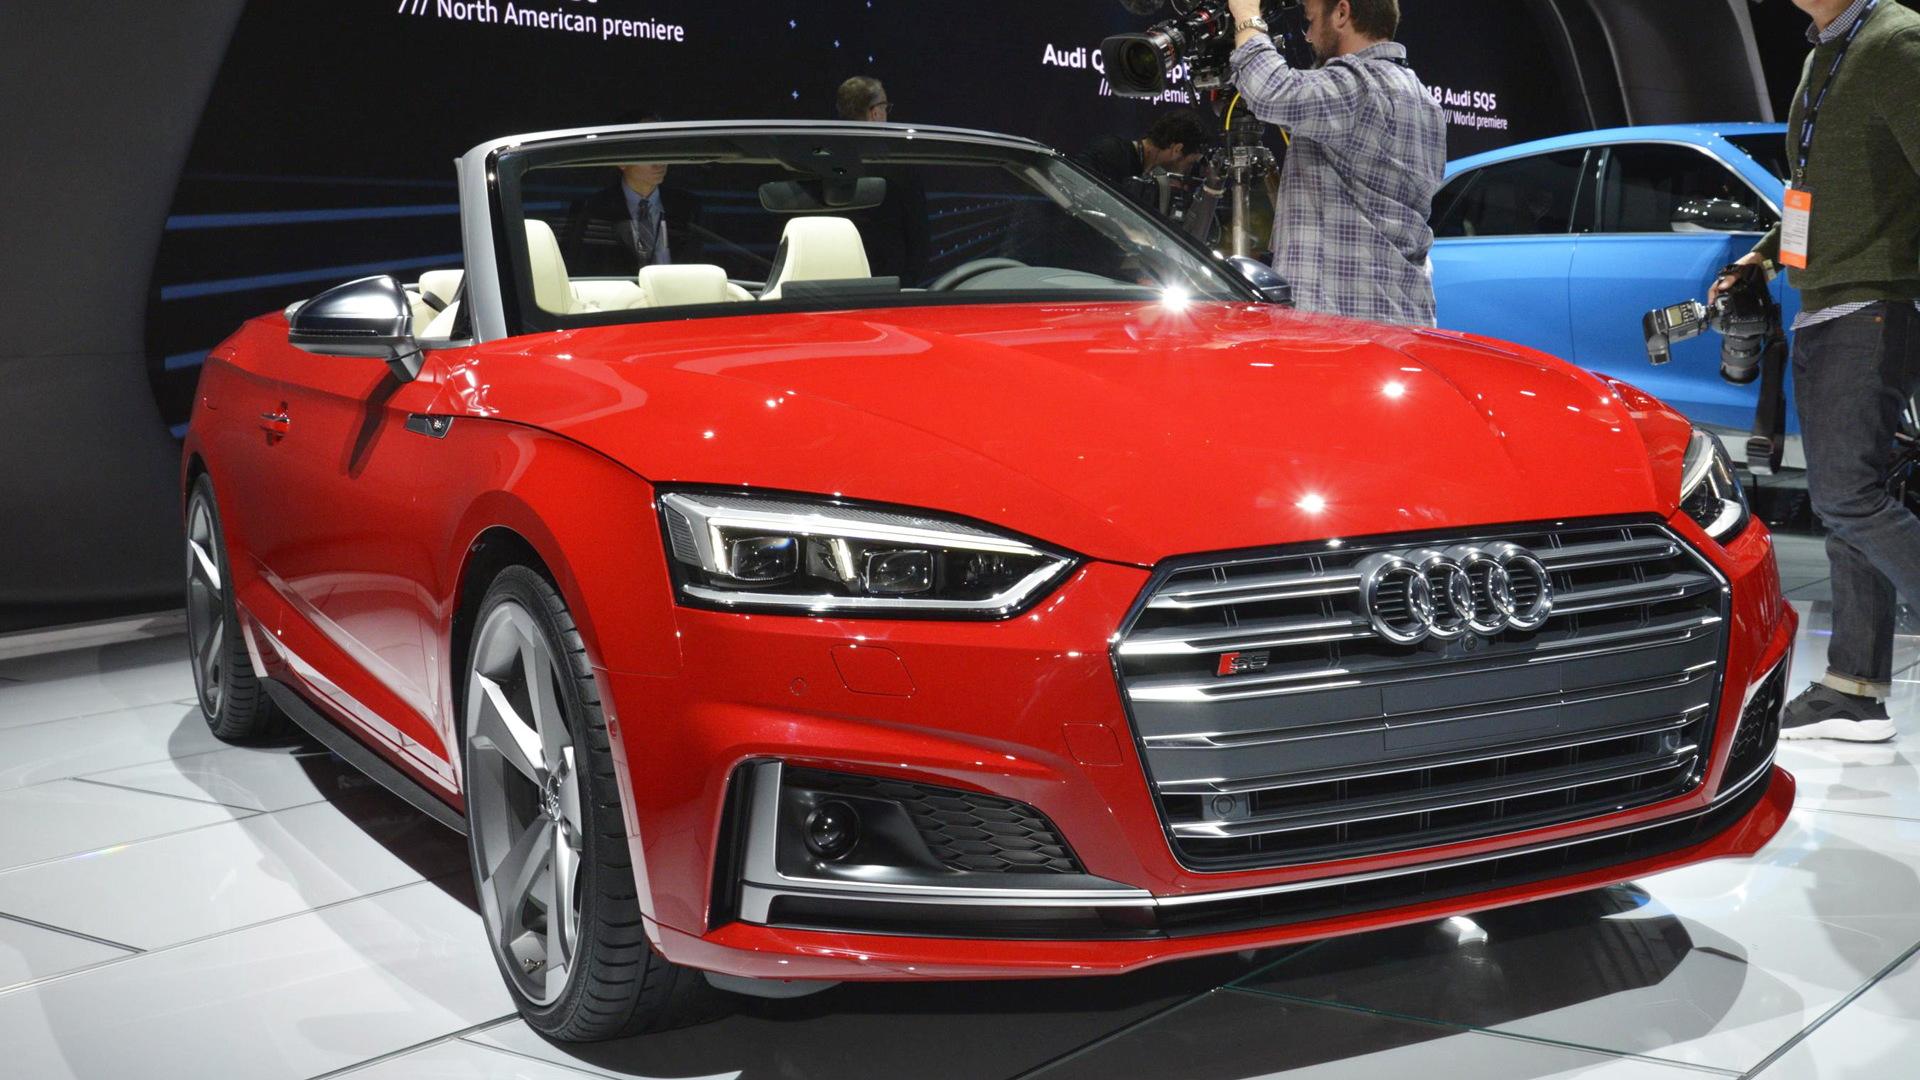 2018 Audi S5 Cabriolet, 2017 Detroit auto show